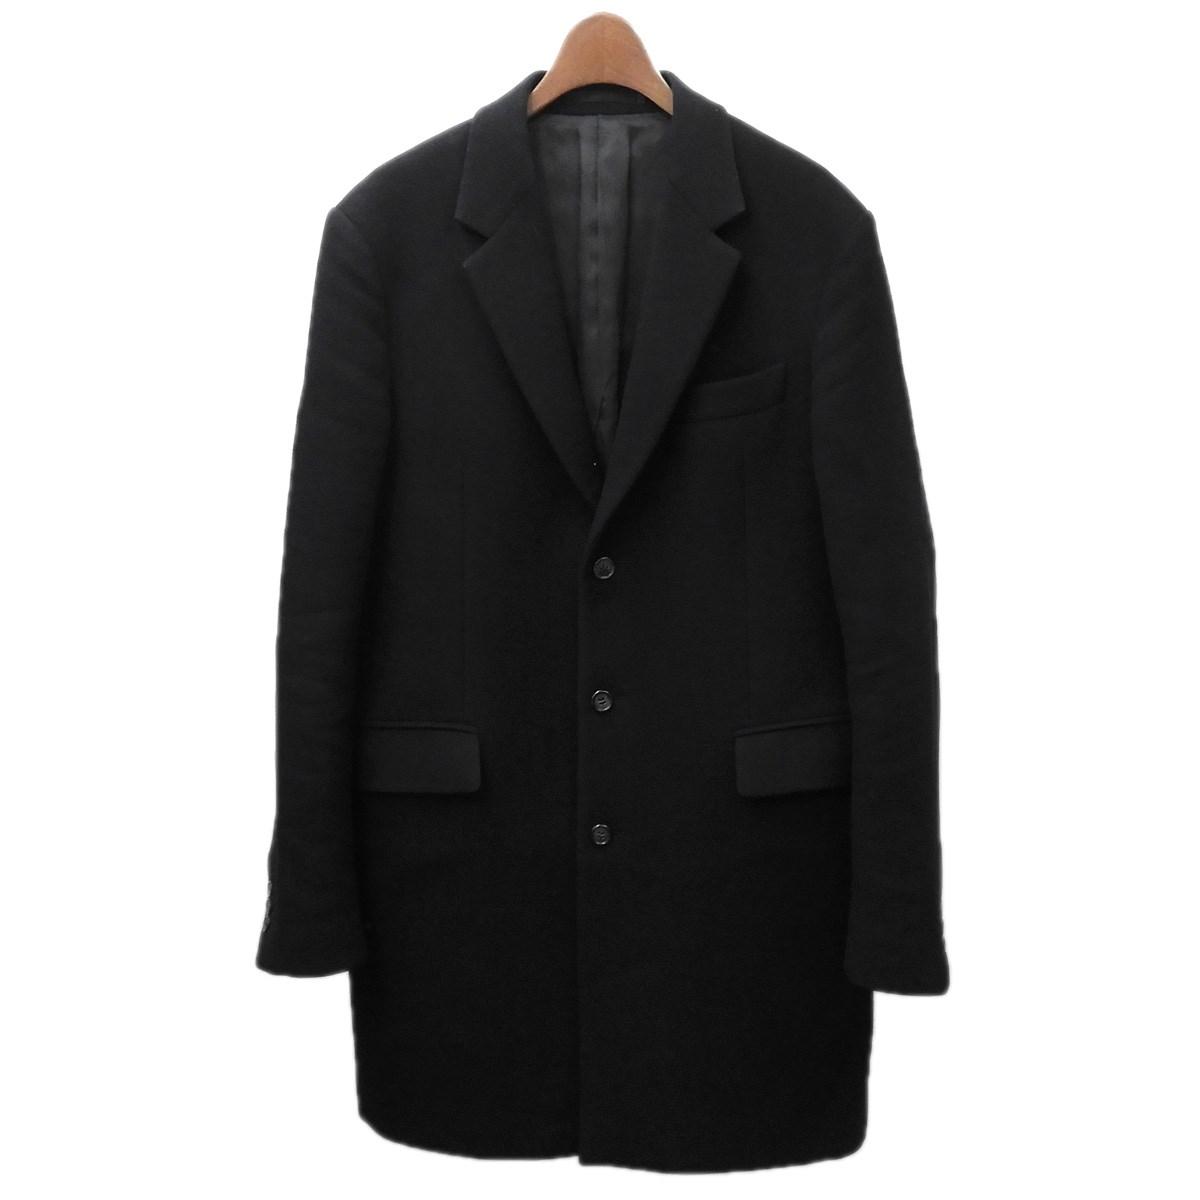 【中古】PRADA チェスターコート ブラック サイズ:48 【210320】(プラダ)